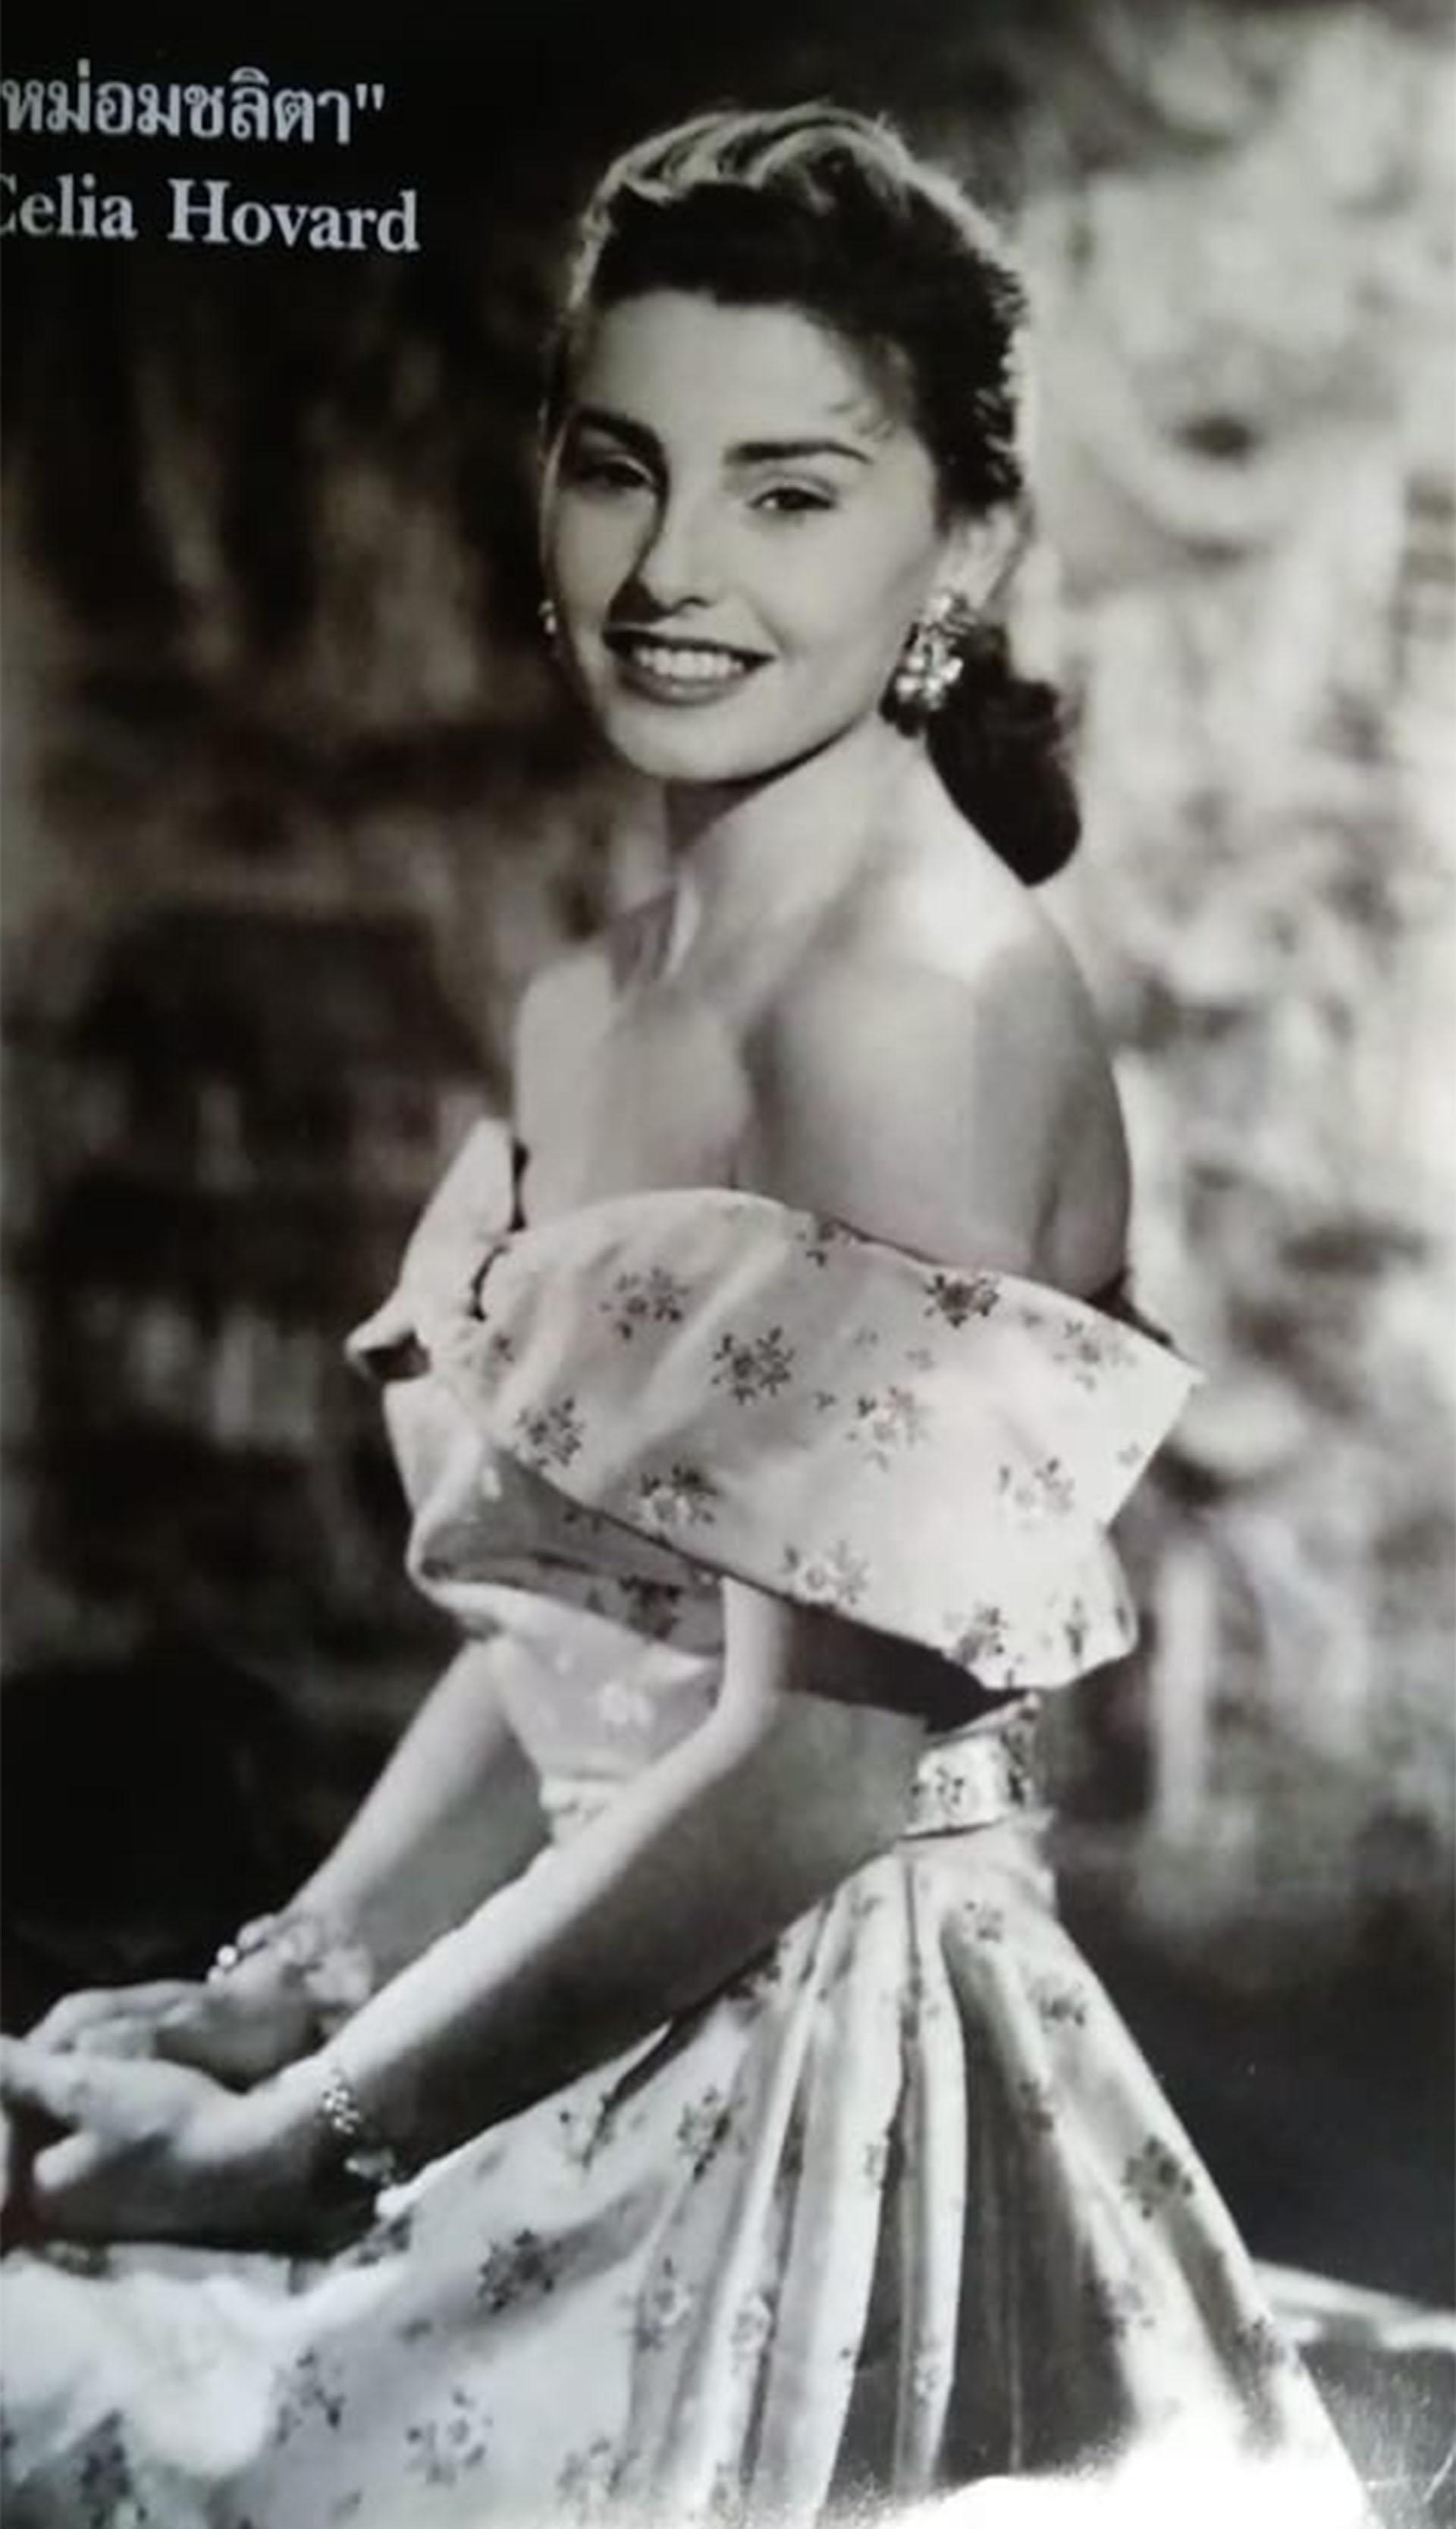 Chelita había estudiado en la Pitman y trabajaba en el Automóvil Club cuando deslumbró con su belleza al príncipe de Siam. Desde ese momento su vida fue lujo y jet set mundial